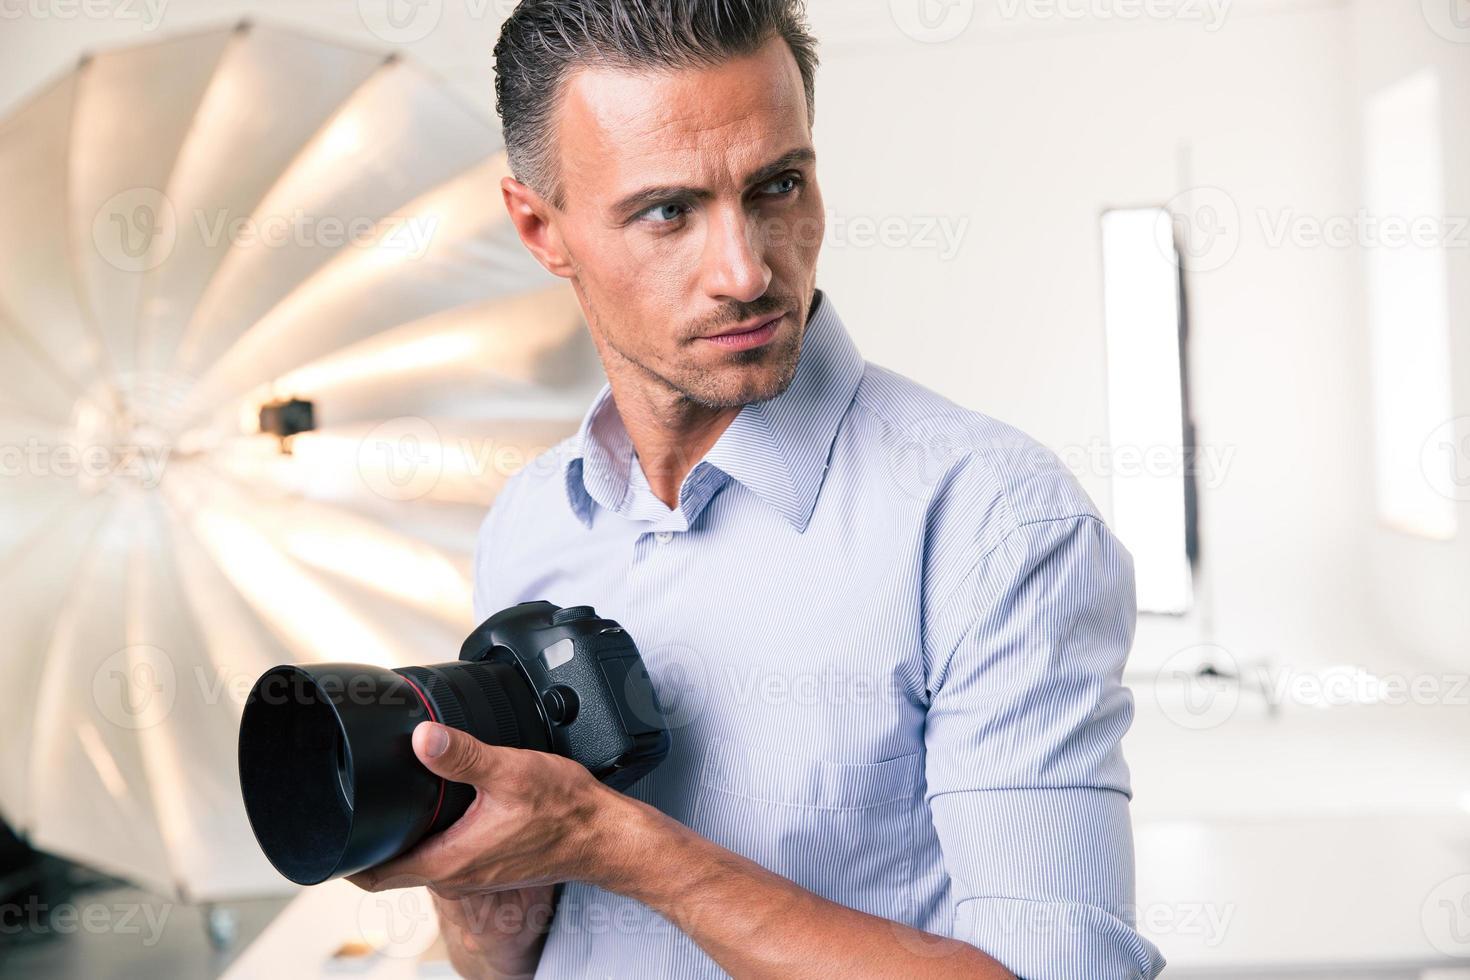 Fotograf hält Kamera und schaut weg foto